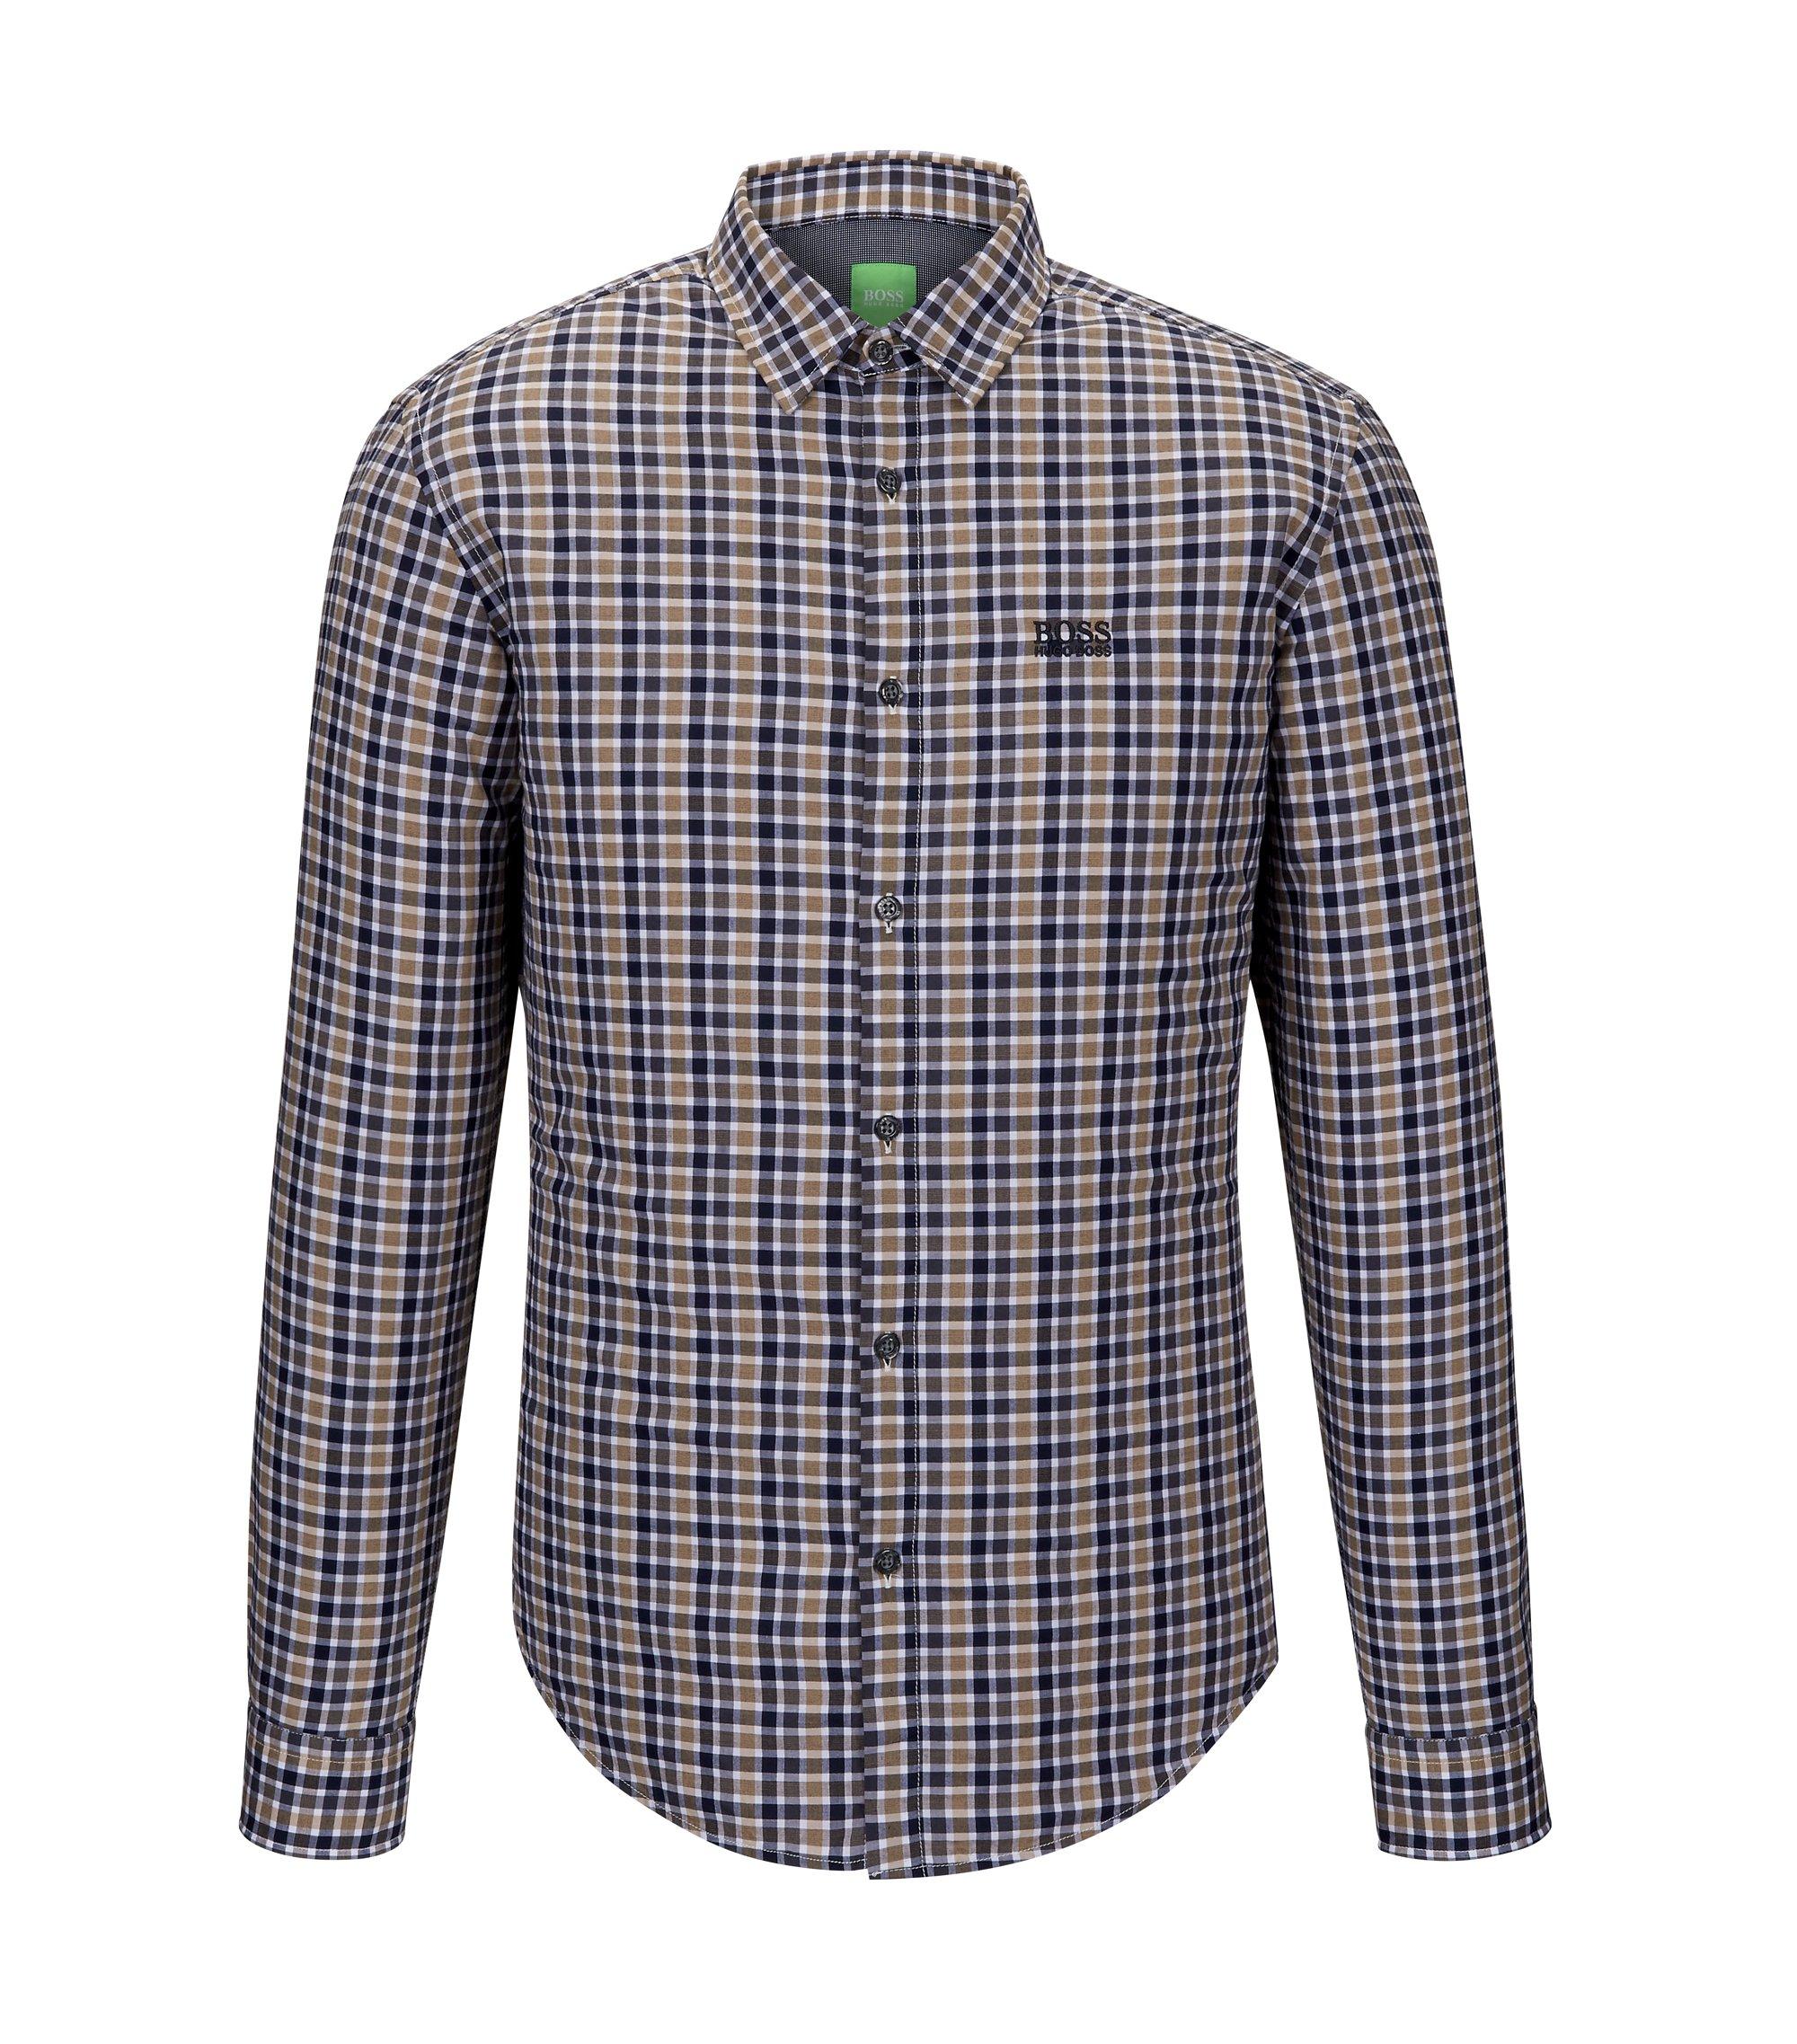 Cotton Button Down Shirt, Regular Fit | C-Buster, Beige